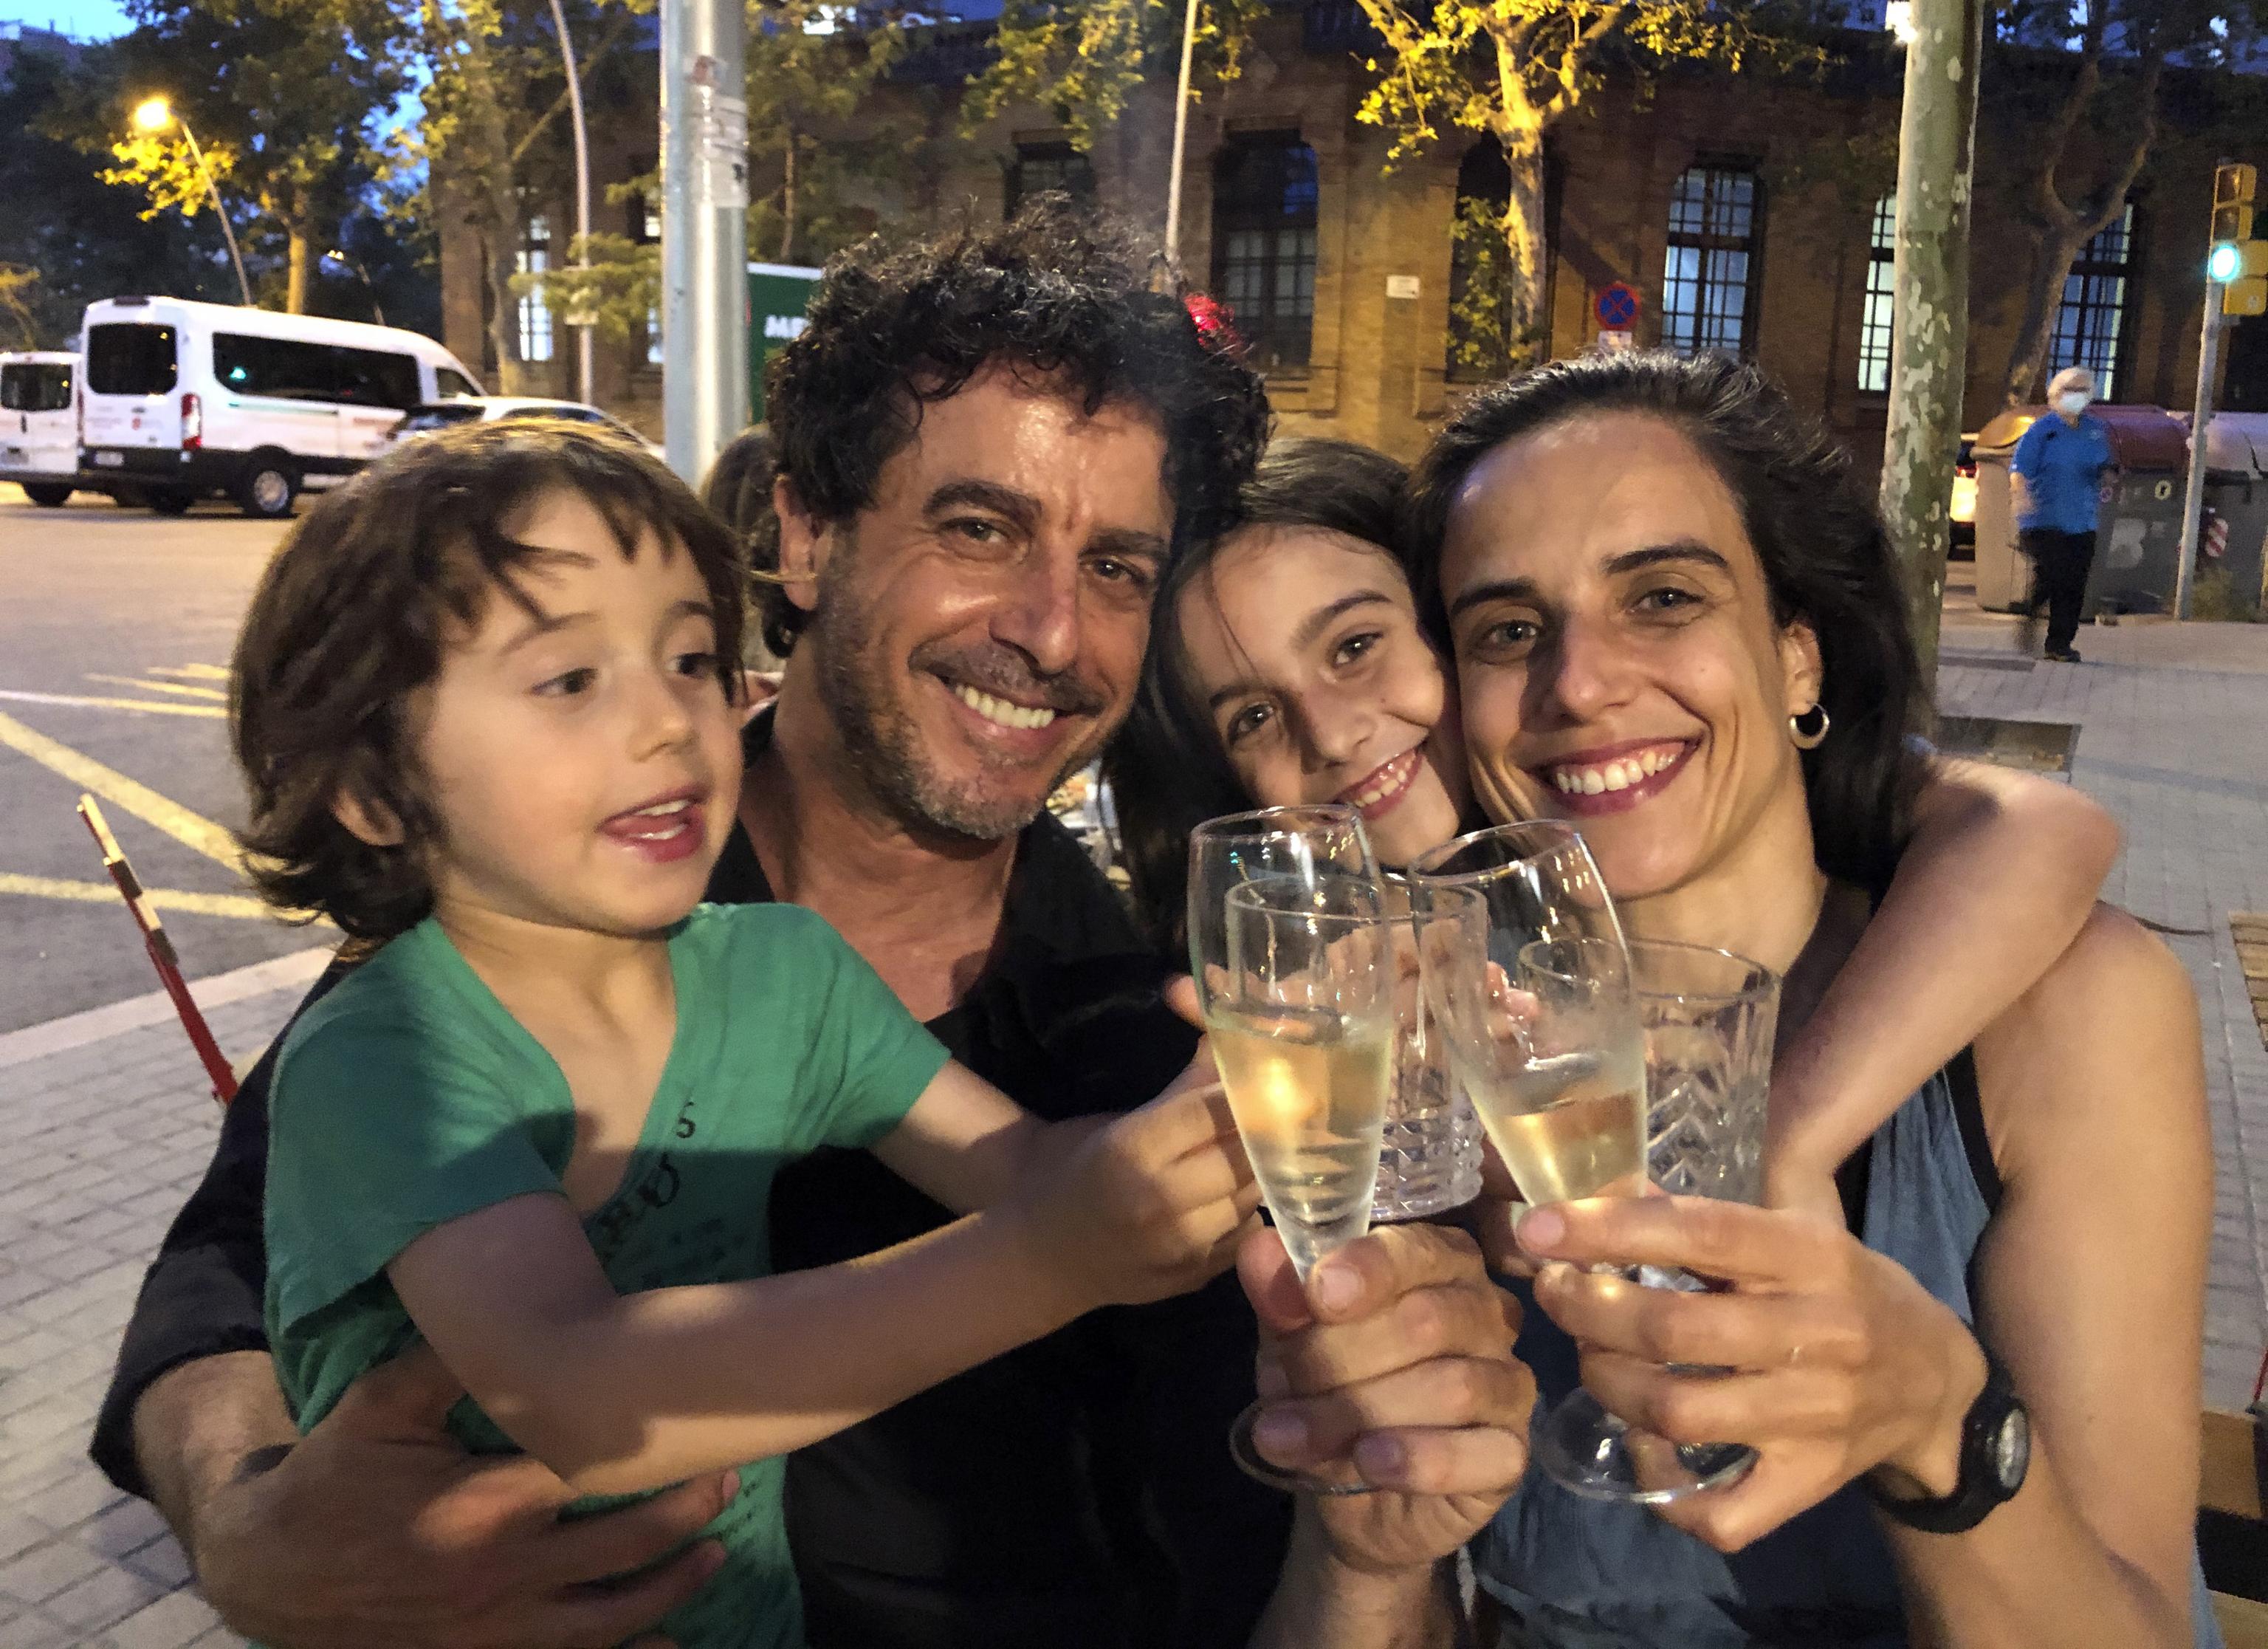 El fotógrafo, con su mujer y sus hijos, celebrando el premio.